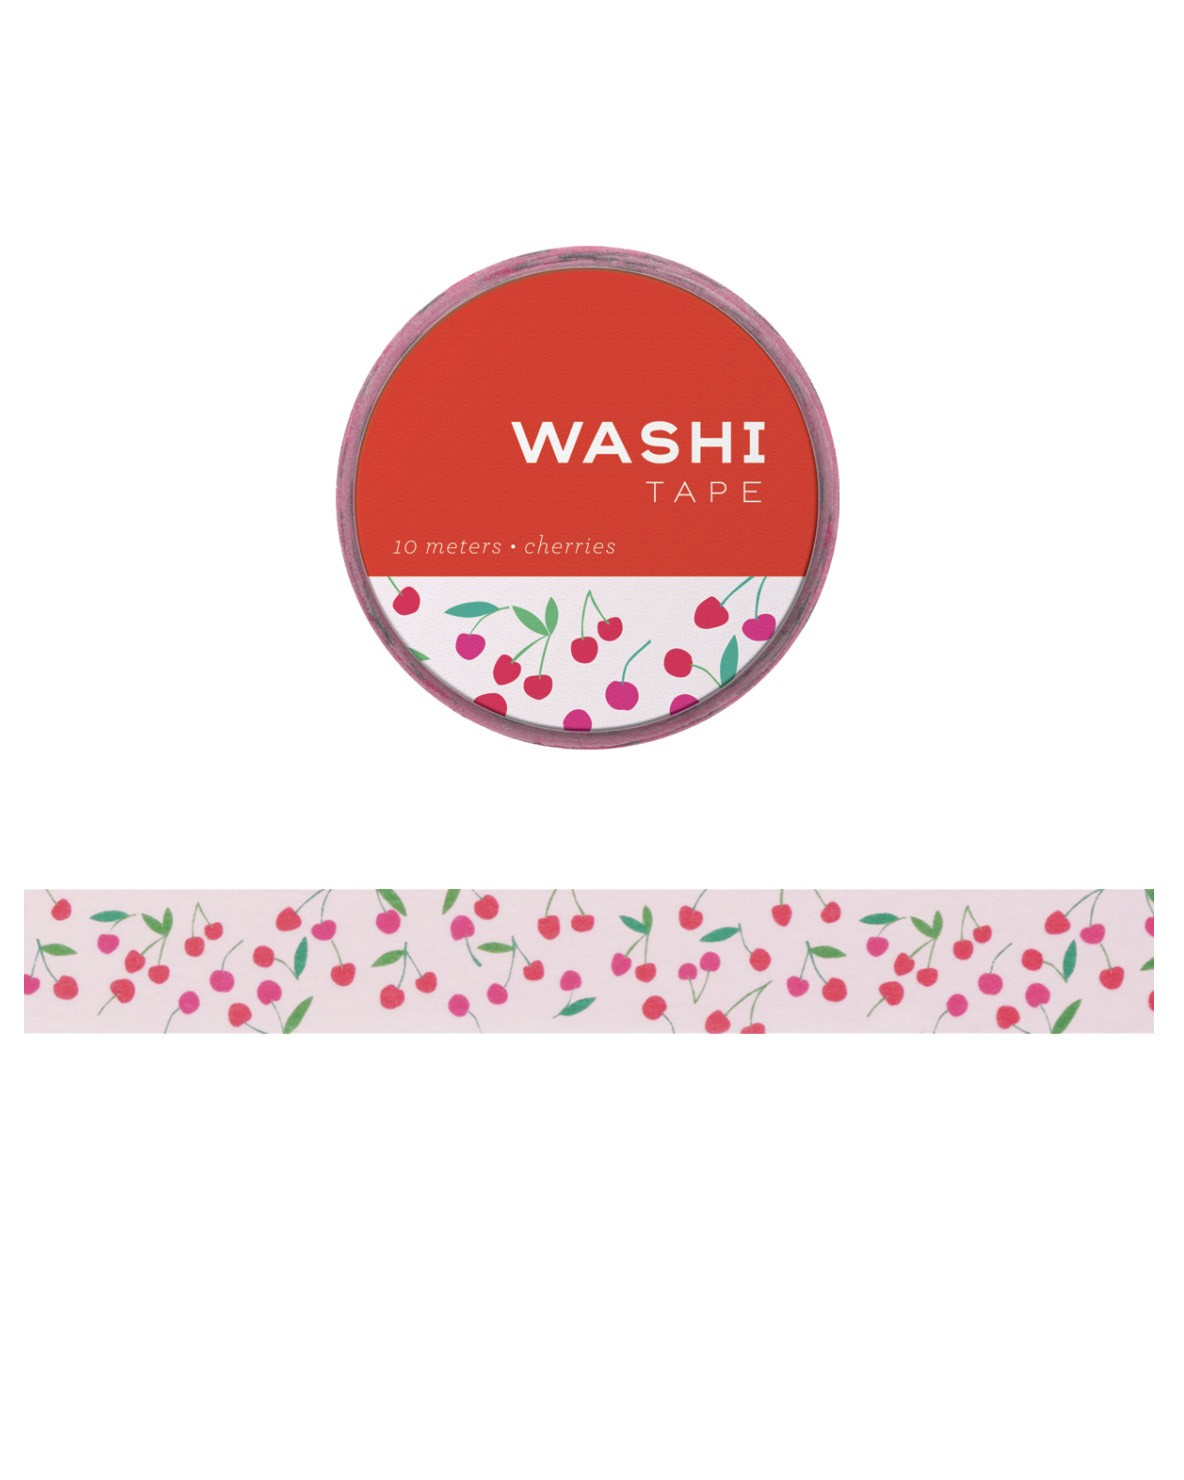 Washi tape - Cherries